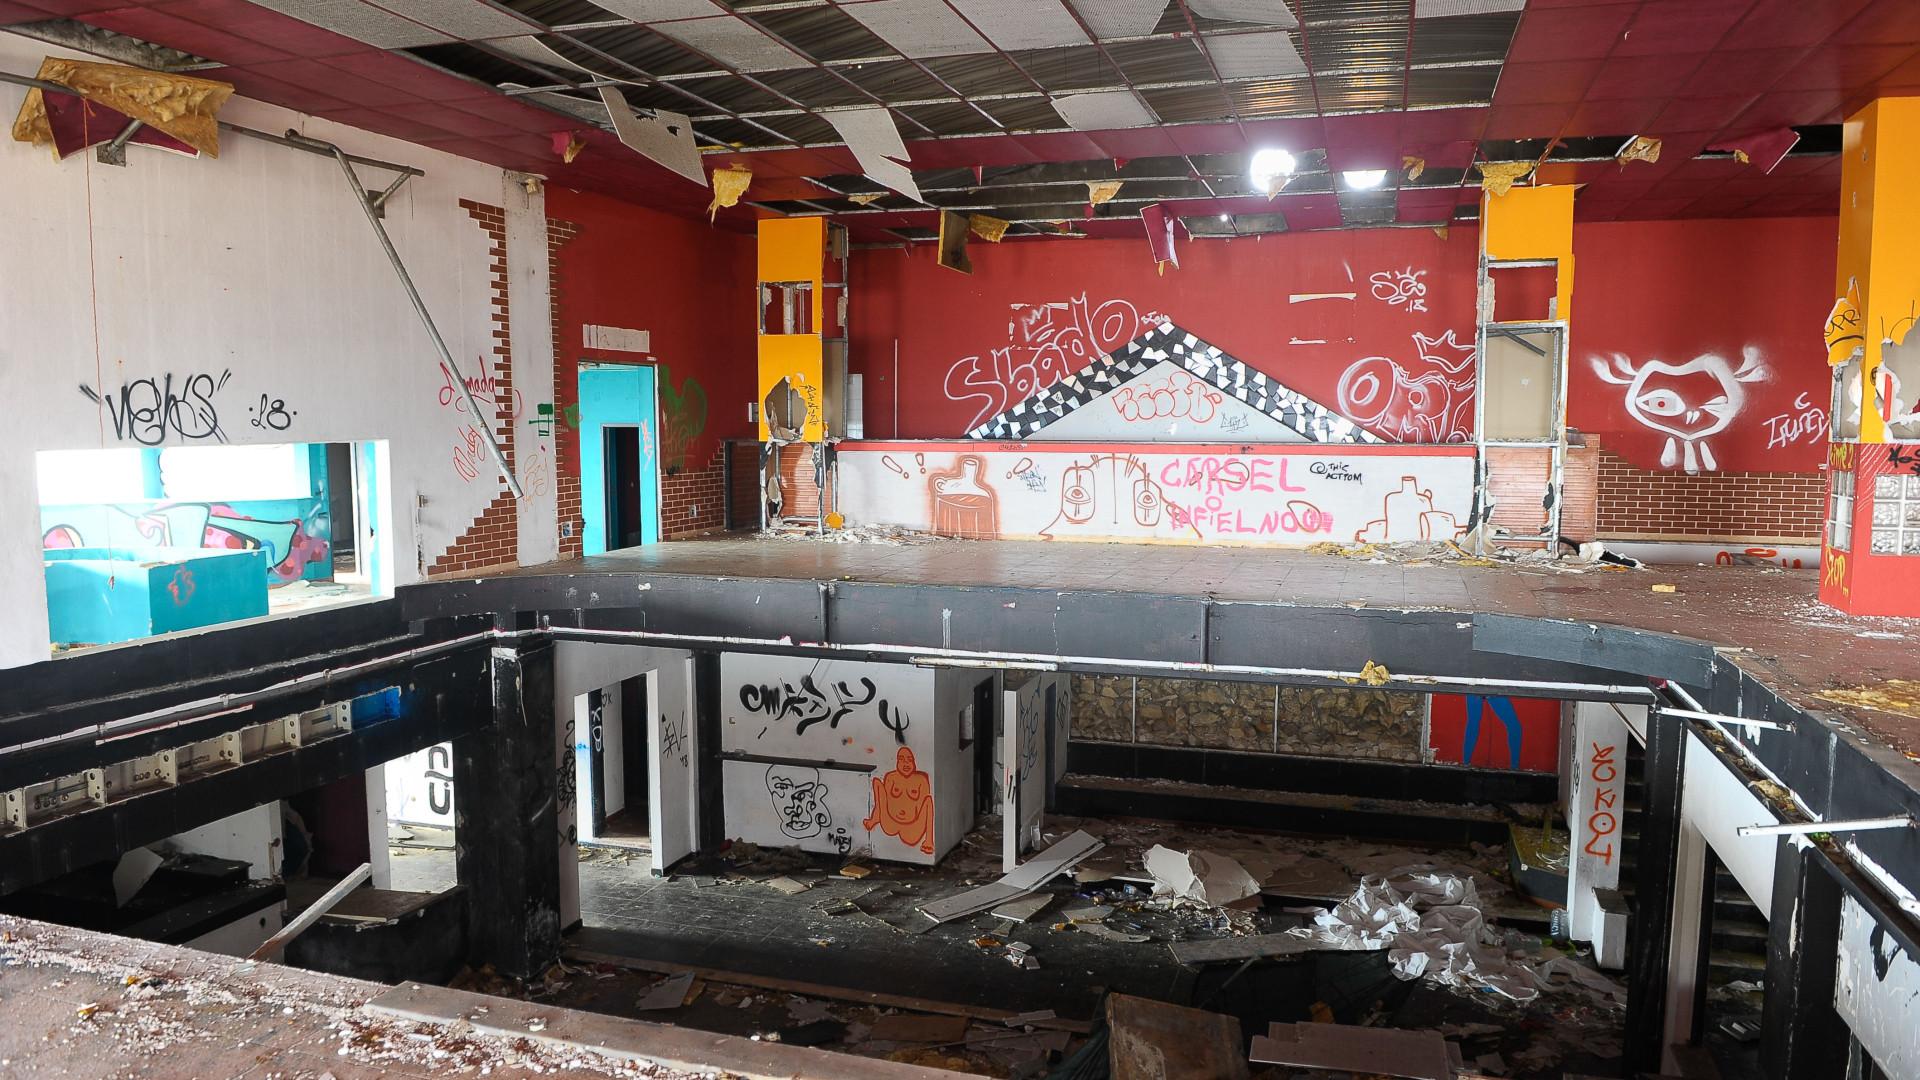 Discotecas dos anos 80 abandonadas na região Centro sobrevivem na memória